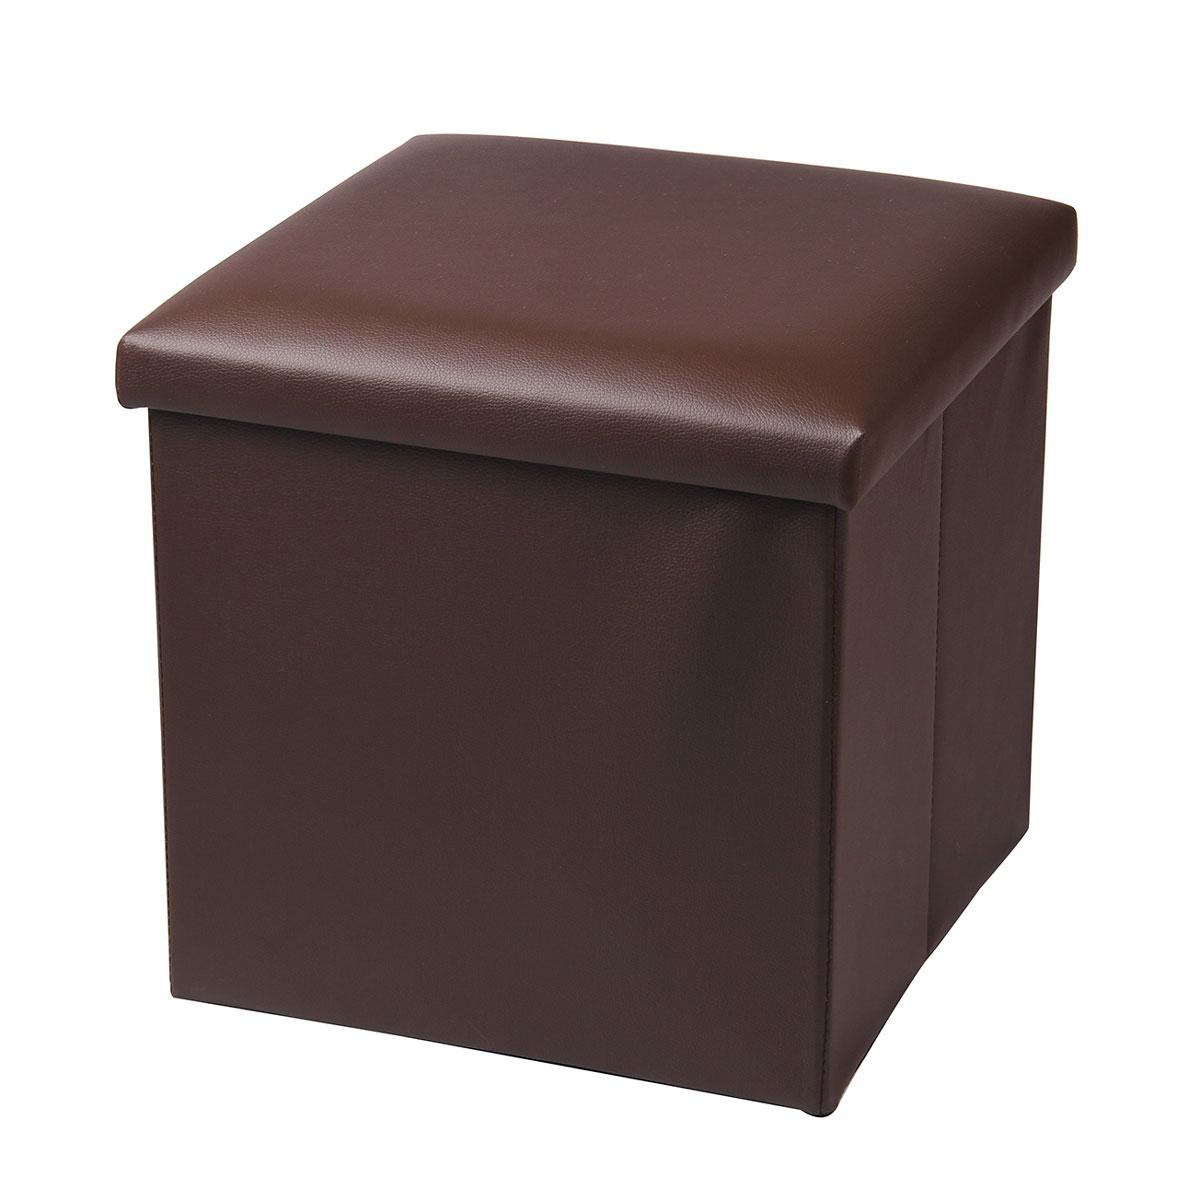 Пуф-короб для хранения Miolla, цвет: коричневый, 38 х 38 х 38 см04N*09012Пуф-короб для хранения Miolla - удобный, компактный и стильный предмет интерьера. Изделие отличает актуальный дизайн и многофункциональность. На пуфе комфортно сидеть - он выдерживает вес до 100 кг. Верхняя часть пуфа представляет собой съемную крышку, внутри можно хранить небольшие предметы домашнего обихода. Оптимальные размеры куба позволяют хранить внутри множество мелочей, которые так трудно собрать воедино в маленькие контейнеры. Пуф-короб складной, благодаря чему его удобно хранить и перевозить. Лаконичный однотонный дизайн подойдет практически к любому интерьеру.